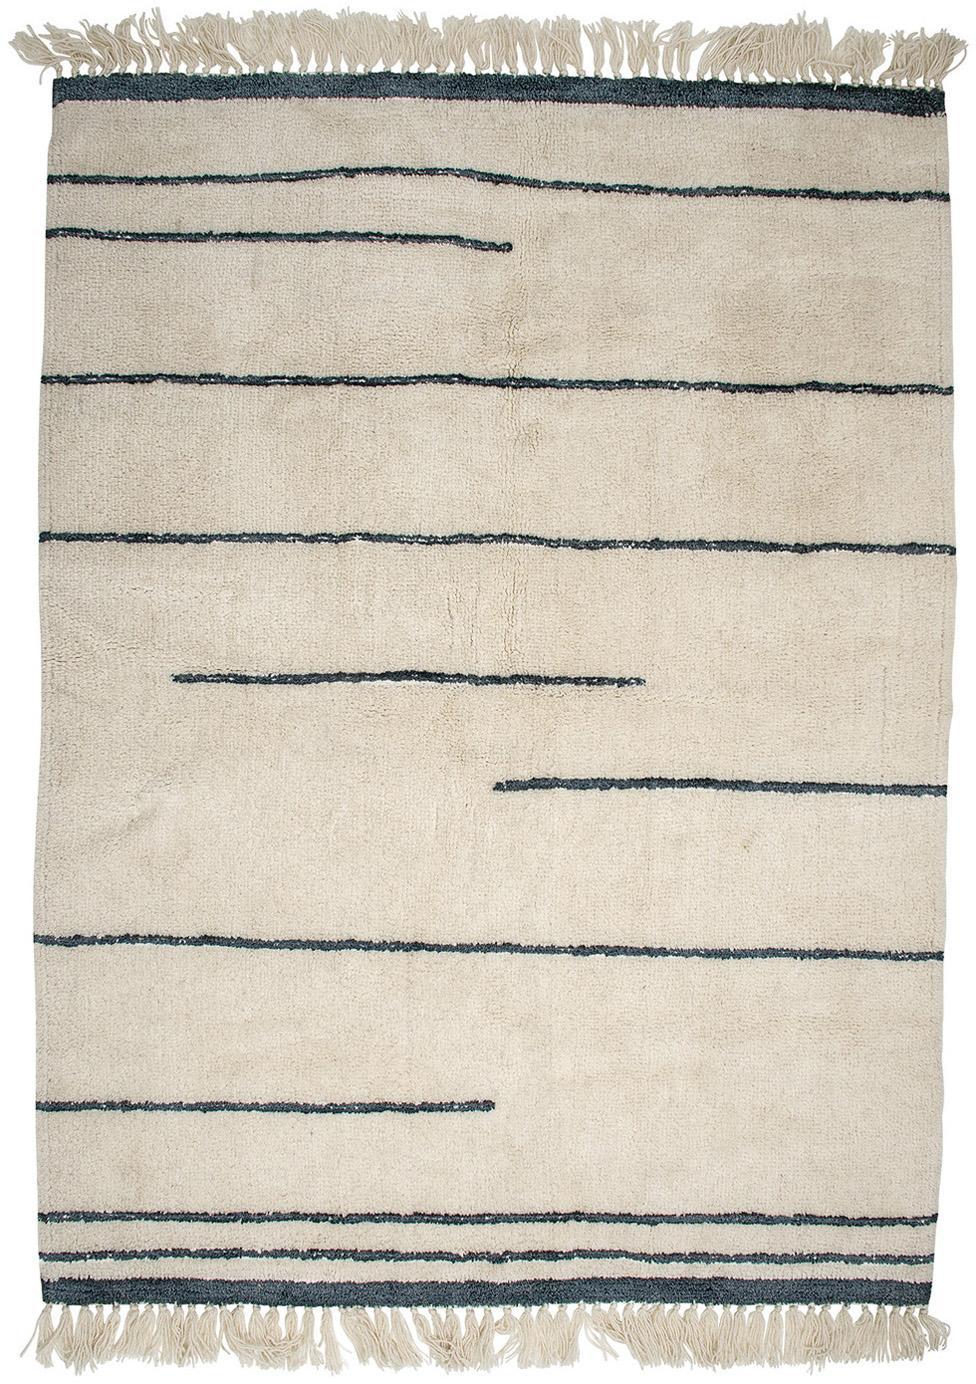 Wollen vloerkleed Nora in beige/grijs met franjes, Beige, antraciet, 140 x 200 cm